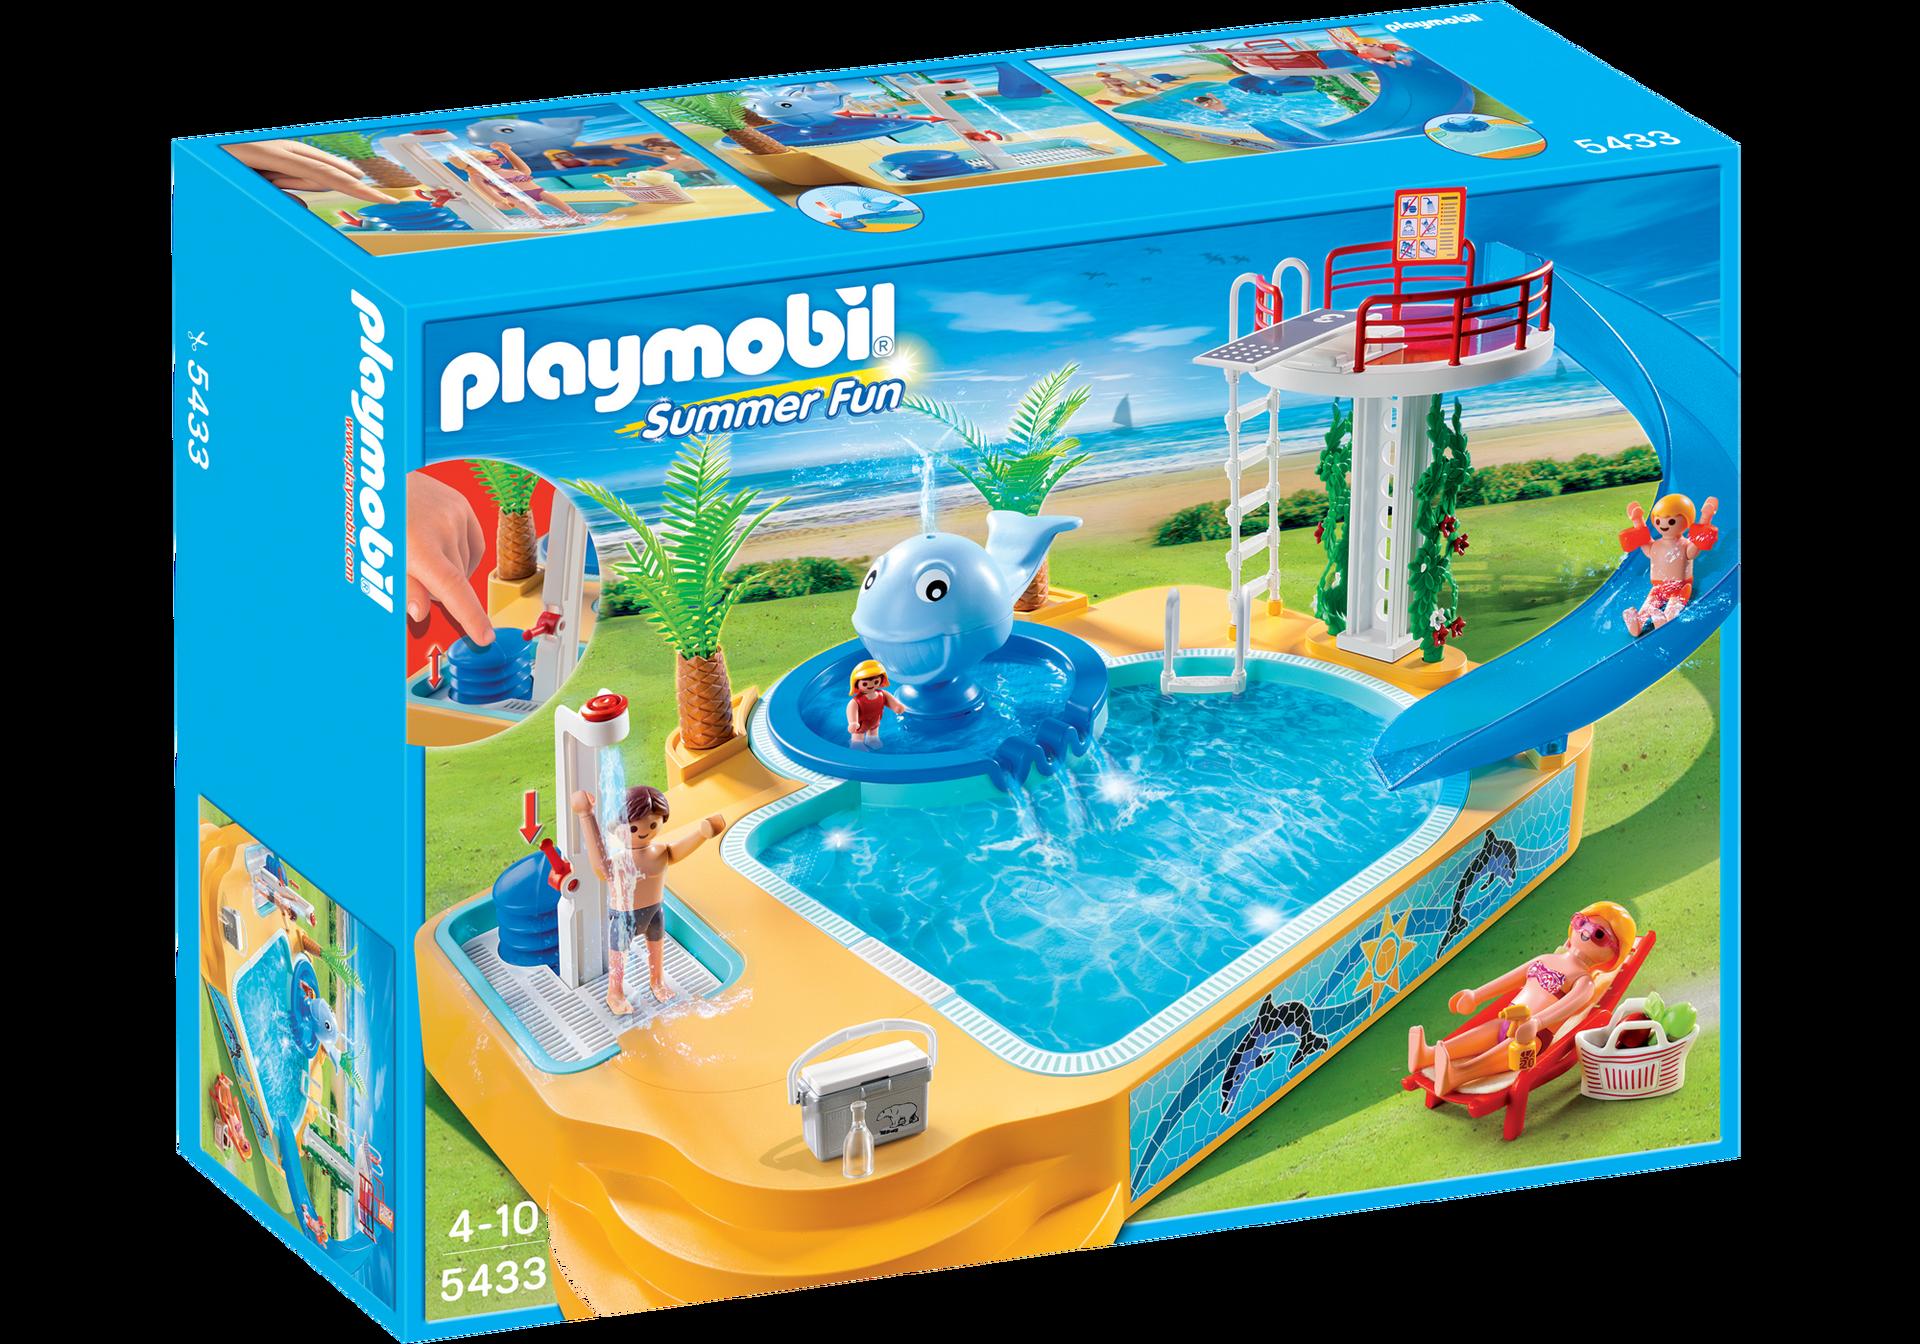 Famille avec piscine et plongeoir 5433 playmobil france for Piscine play mobile